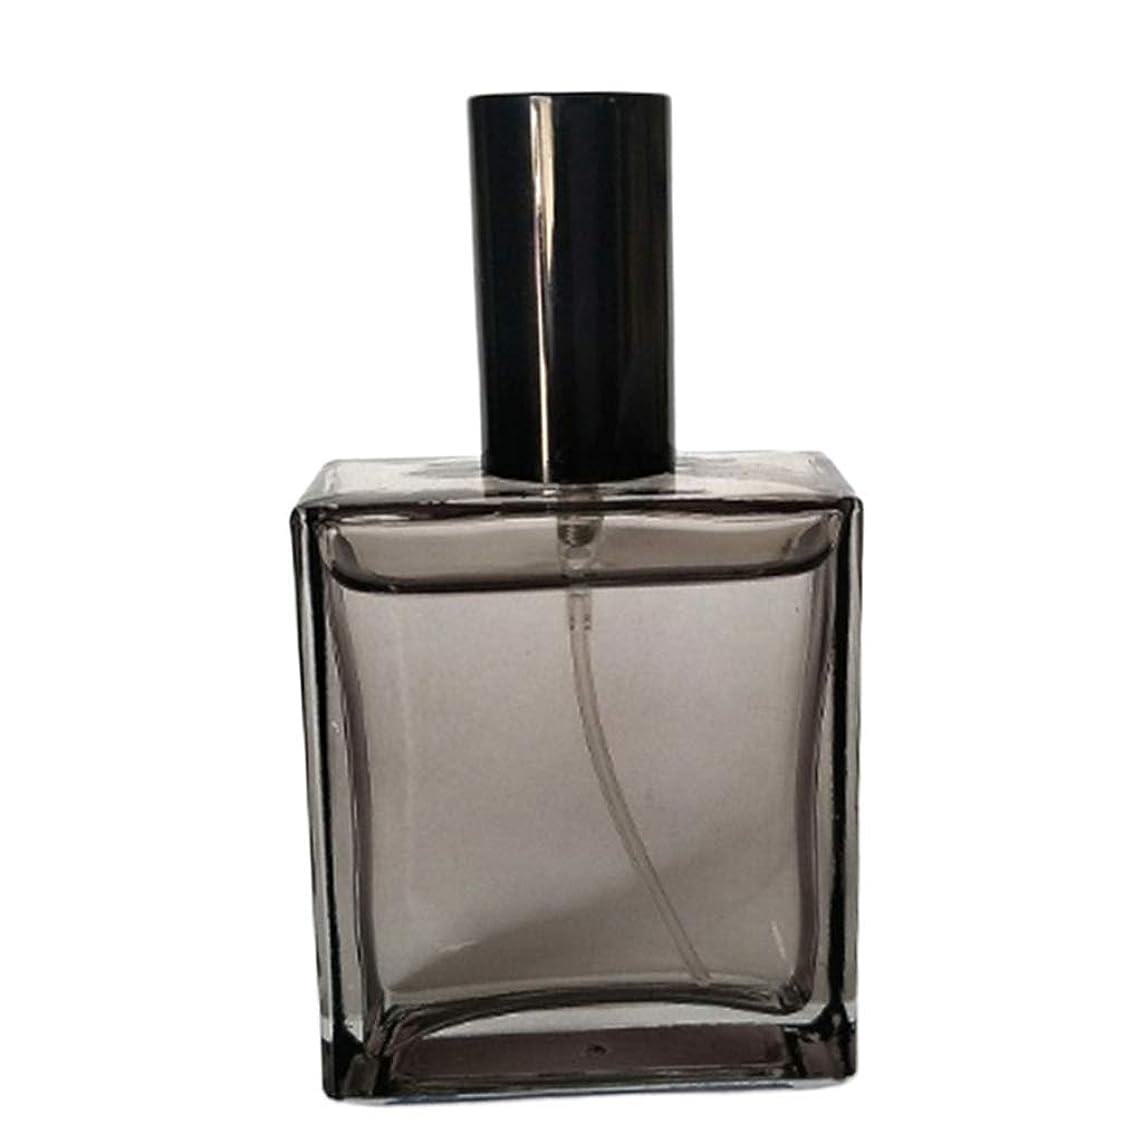 話す失う中で香水アトマイザー スプレーボトル 詰め替え 香水瓶 小分けボトル 小型 旅行 持ち運び 50ML ブラック